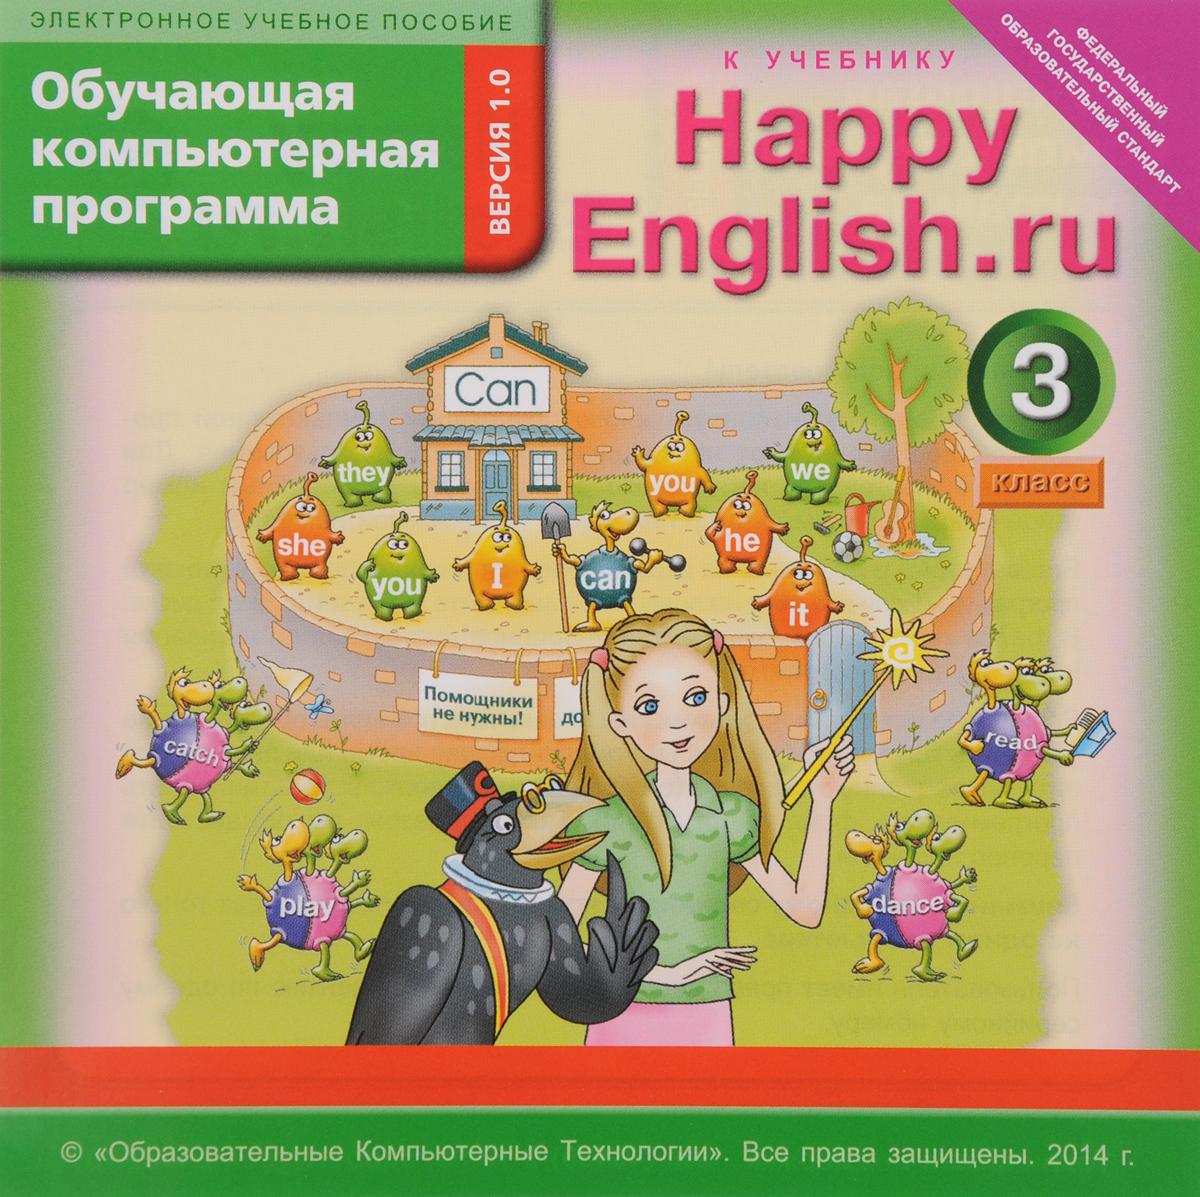 Happy English.ru 3 / Счастливый английский.ру. 3 класс. Обучающая компьютерная программа